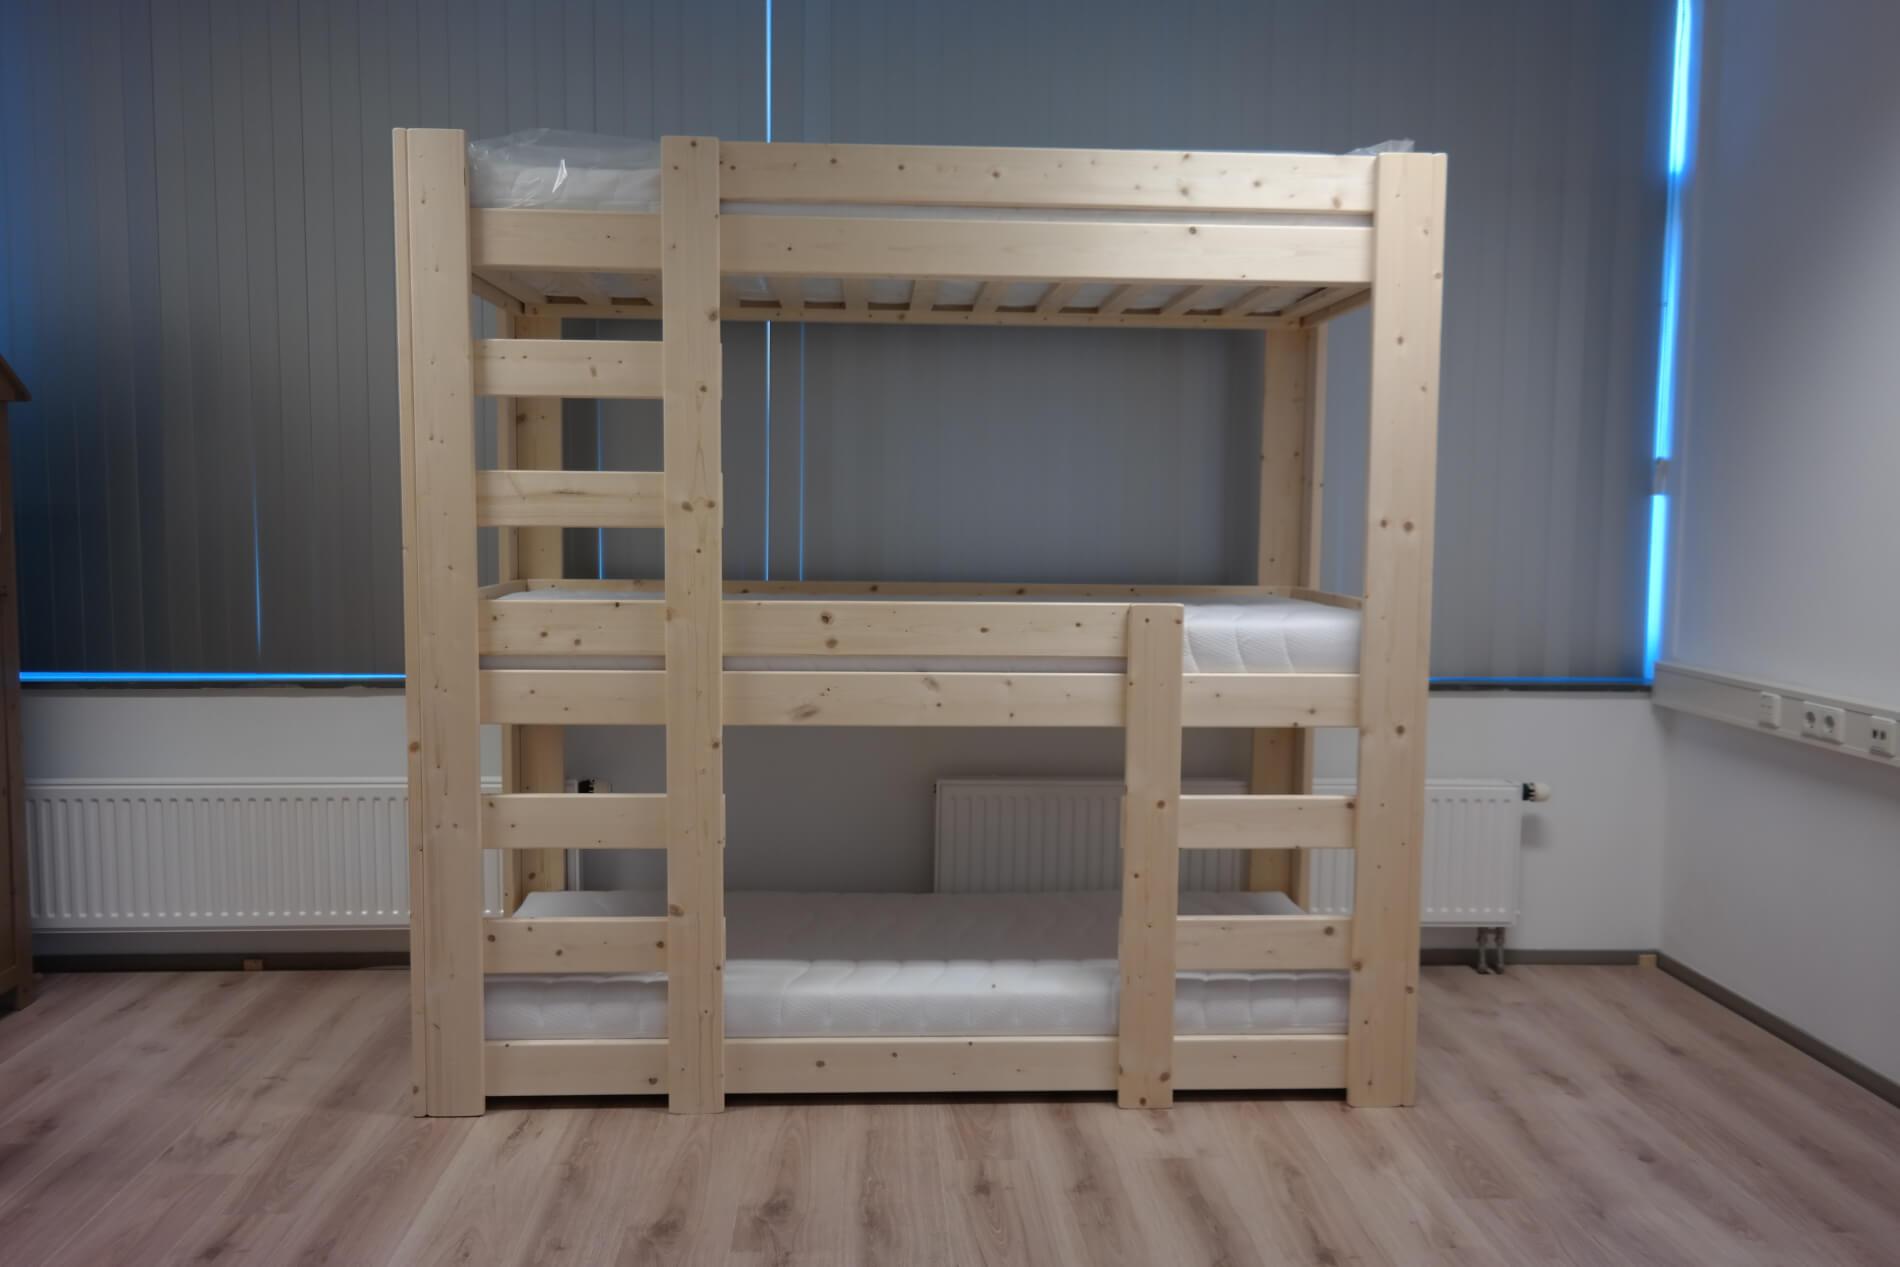 Stapelbed nathalie driepersoons ava meubelen for Meubels keukens bedden matrassen banken kasten ikea